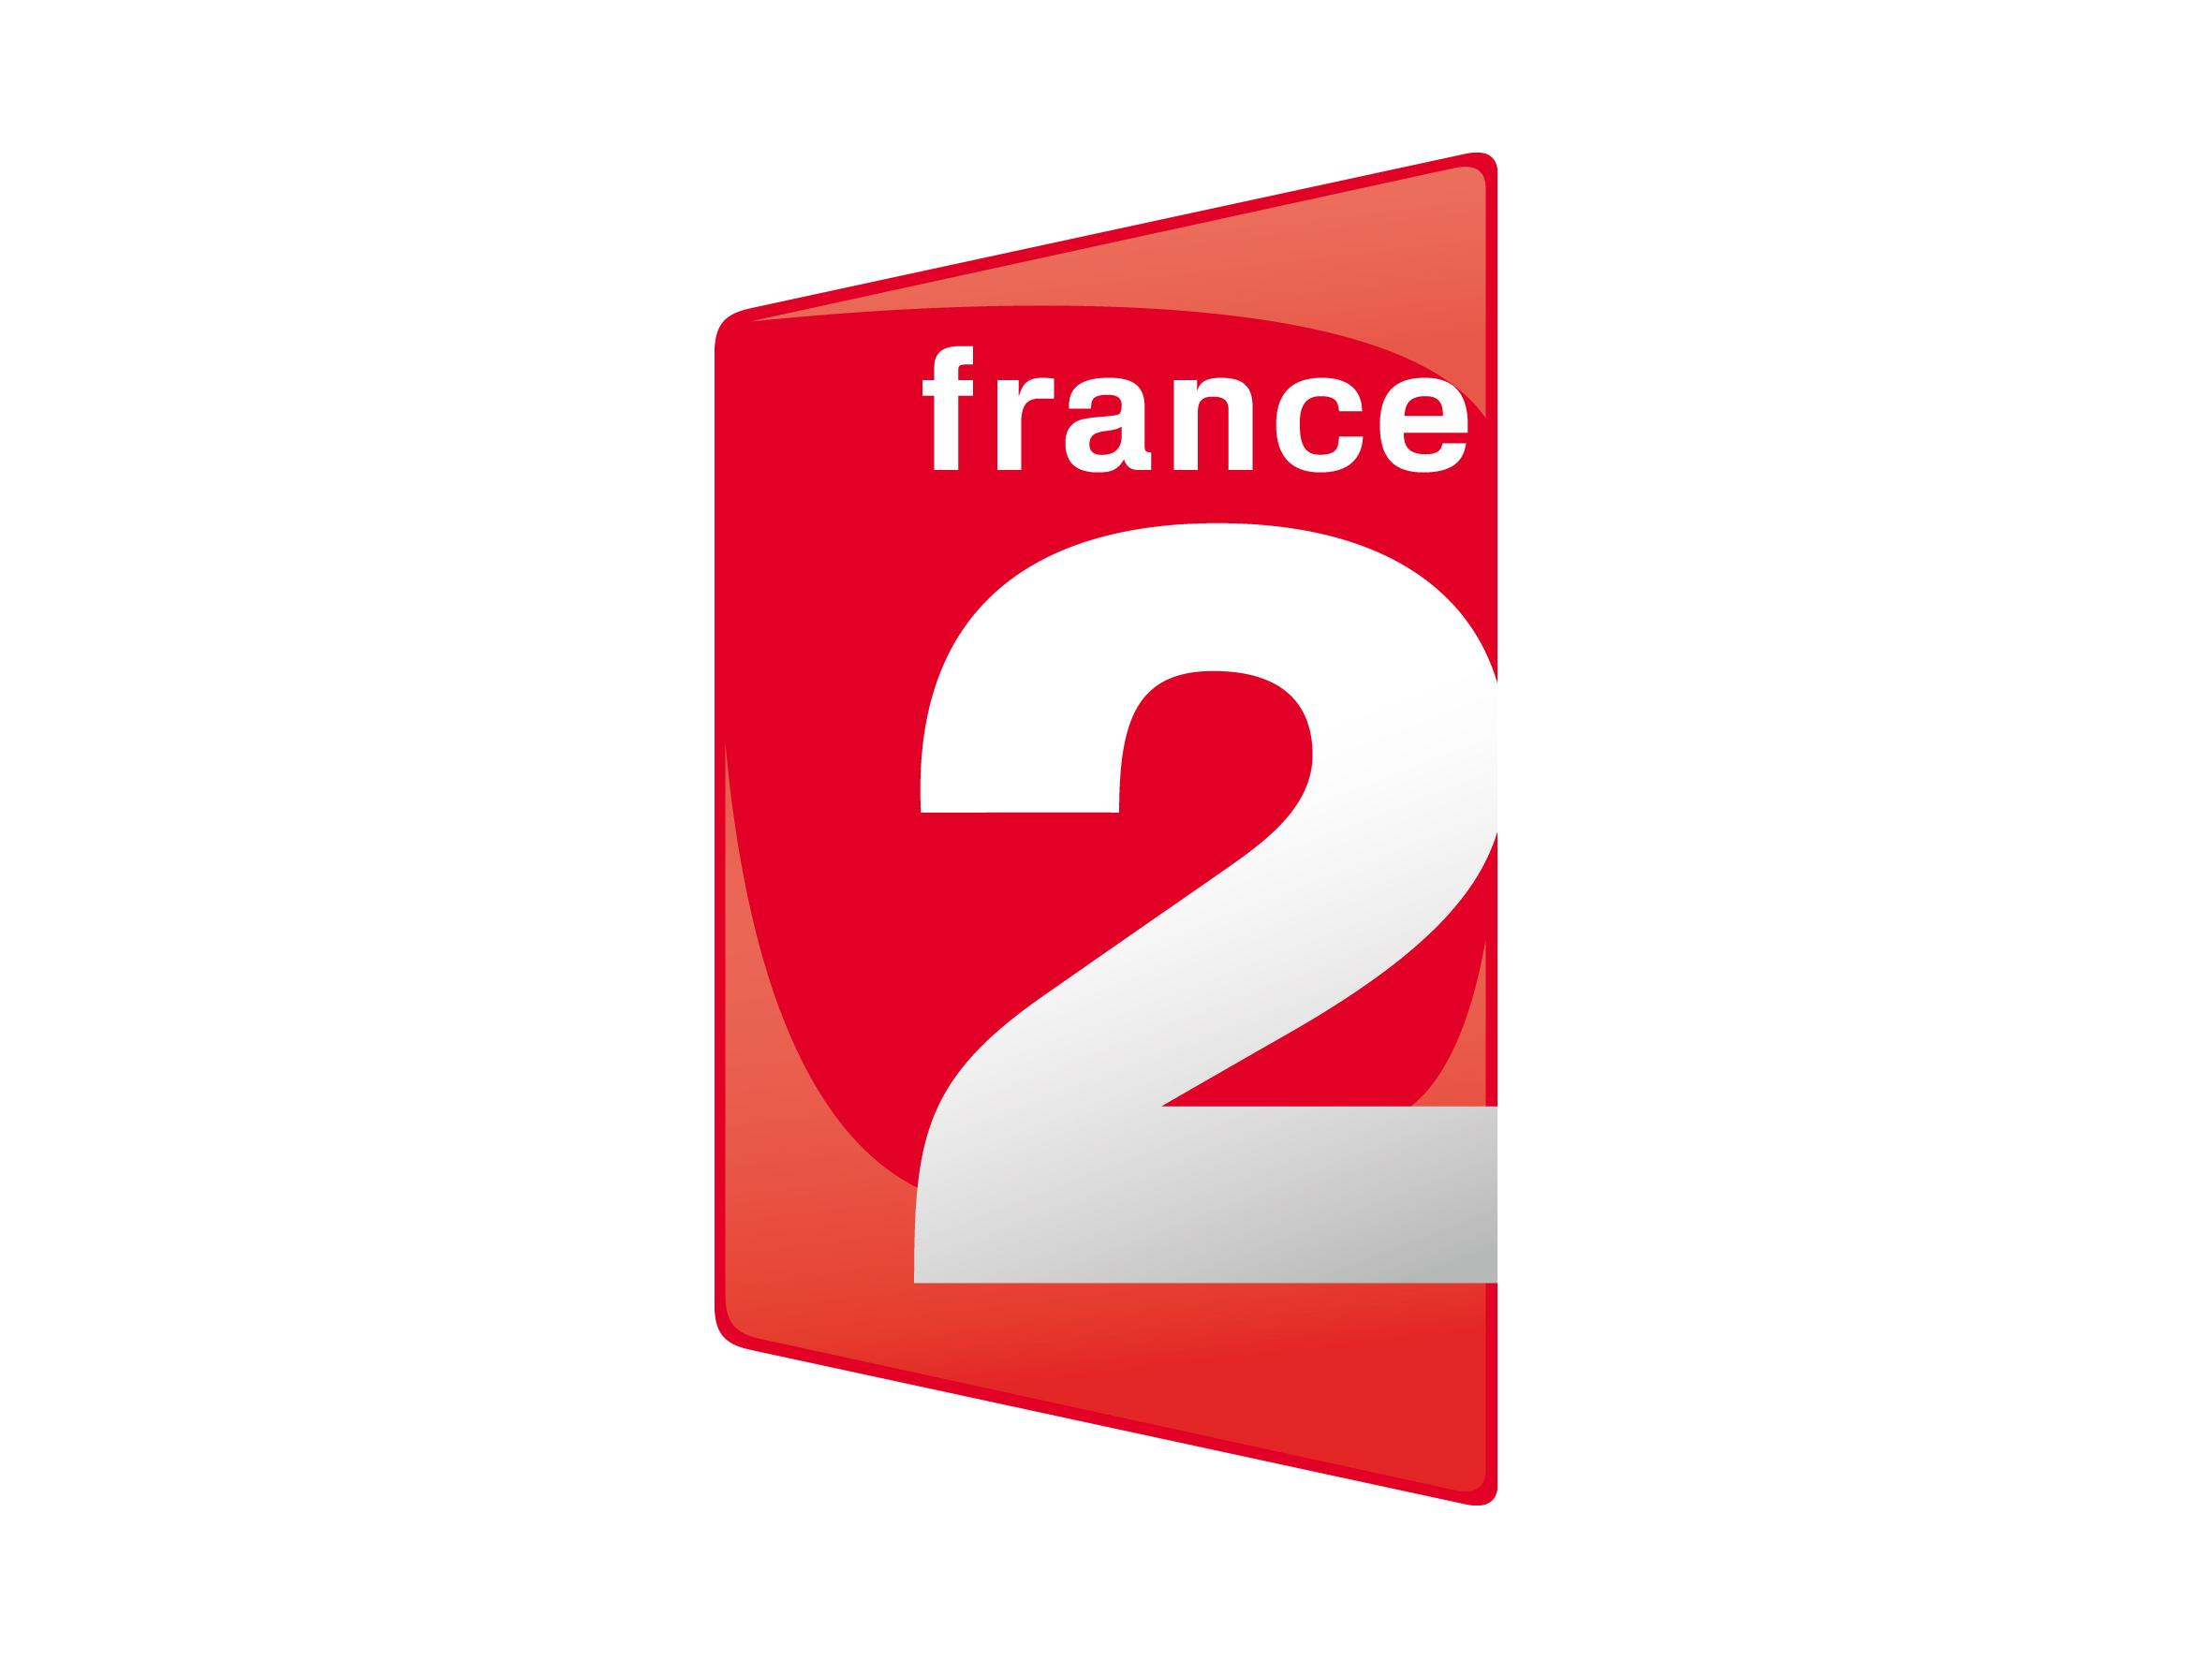 Logo France 2 - Médias - Jérôme Adam - Conférencier Entrepreneur